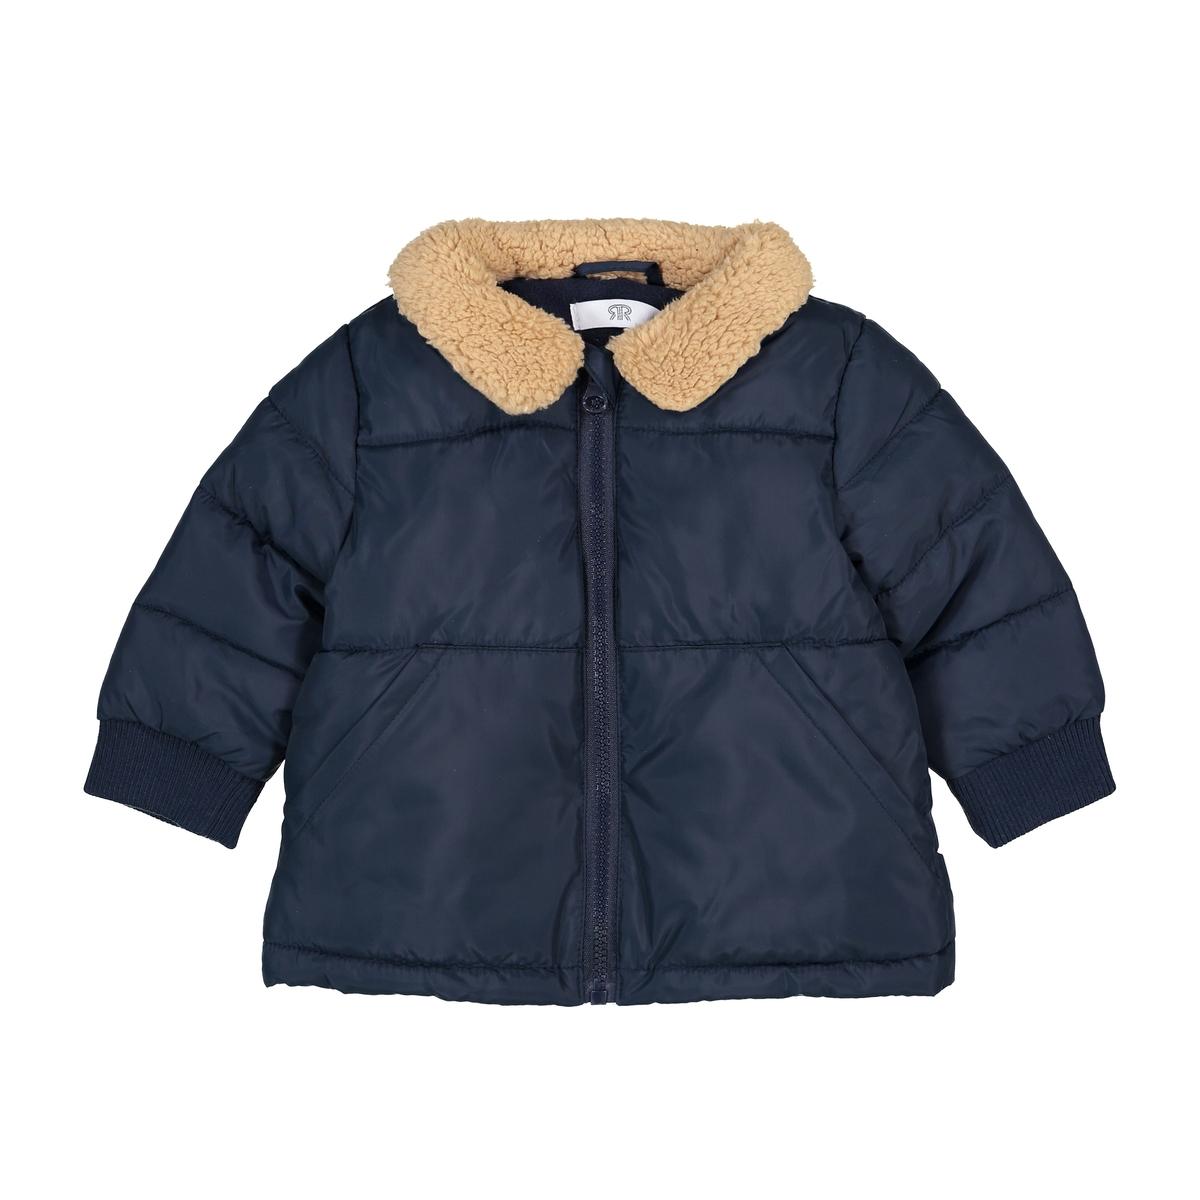 Куртка стеганая с воротником из искусственного меха, 3 мес. - 3 года